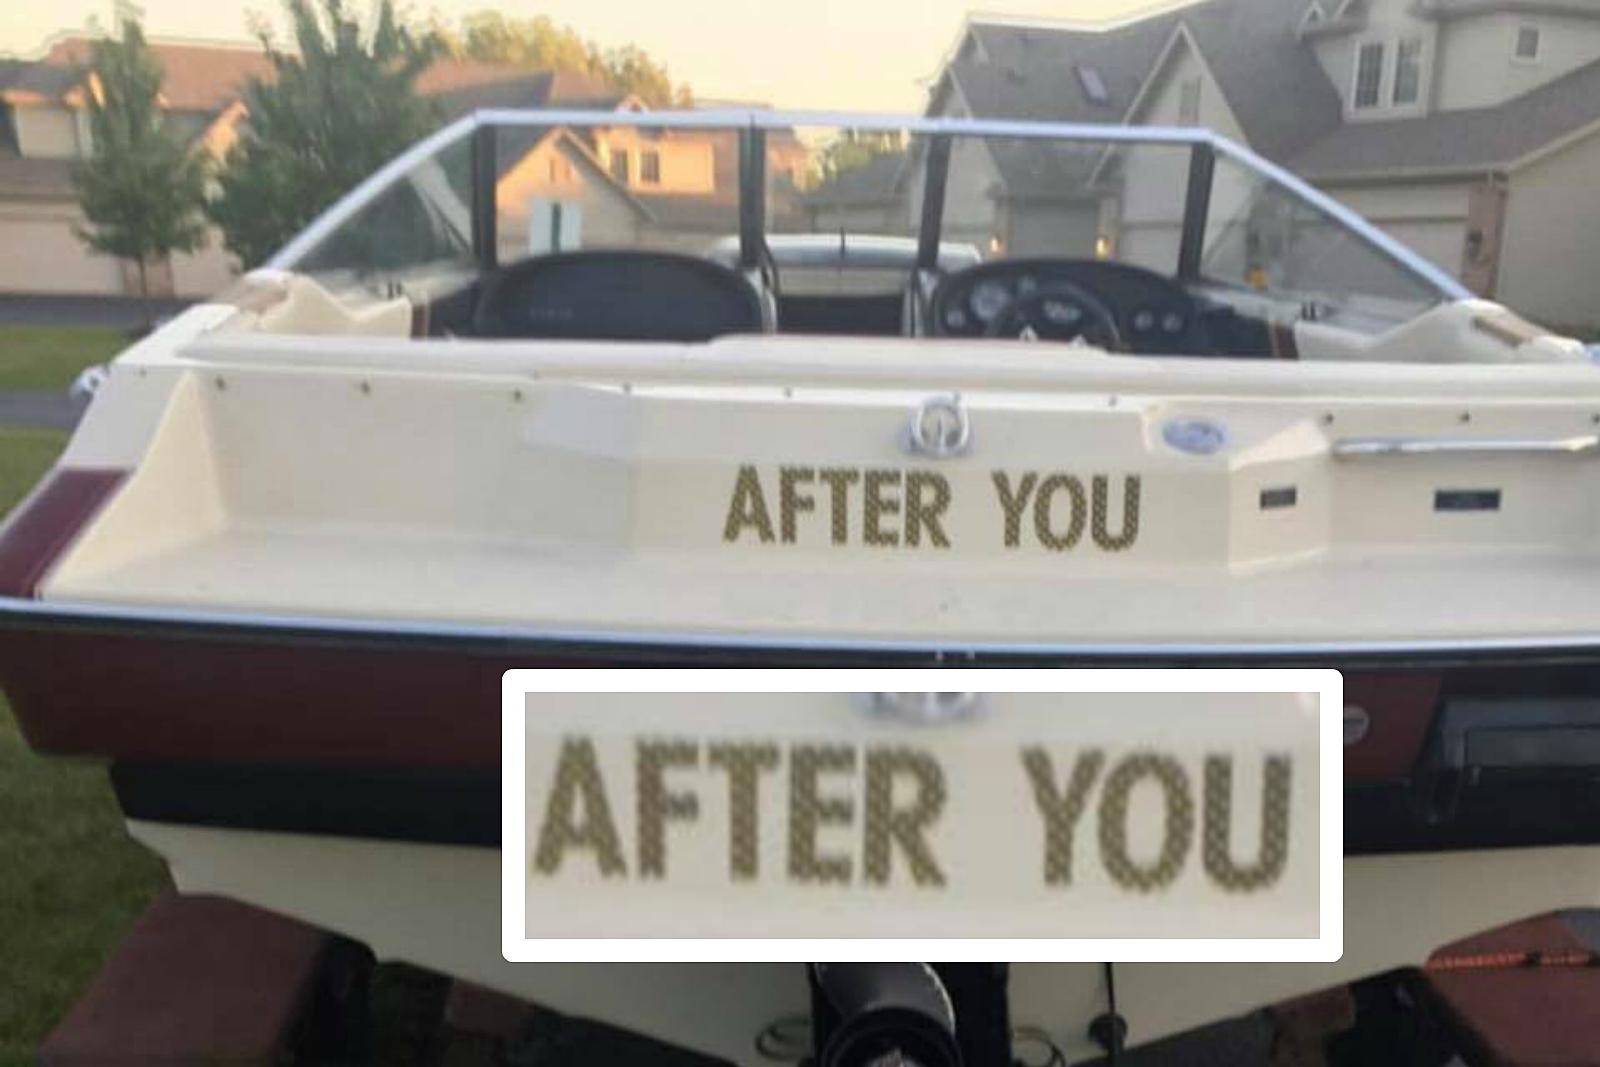 Dad Joke Boat